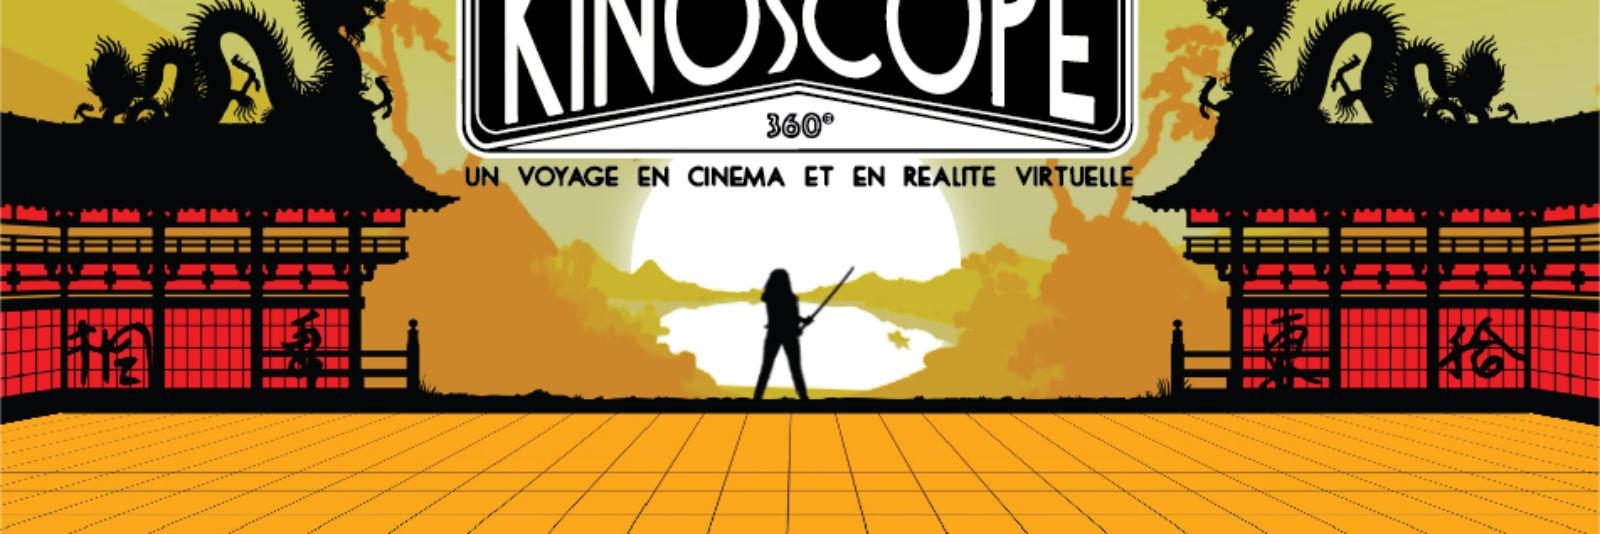 Kinoscope VR